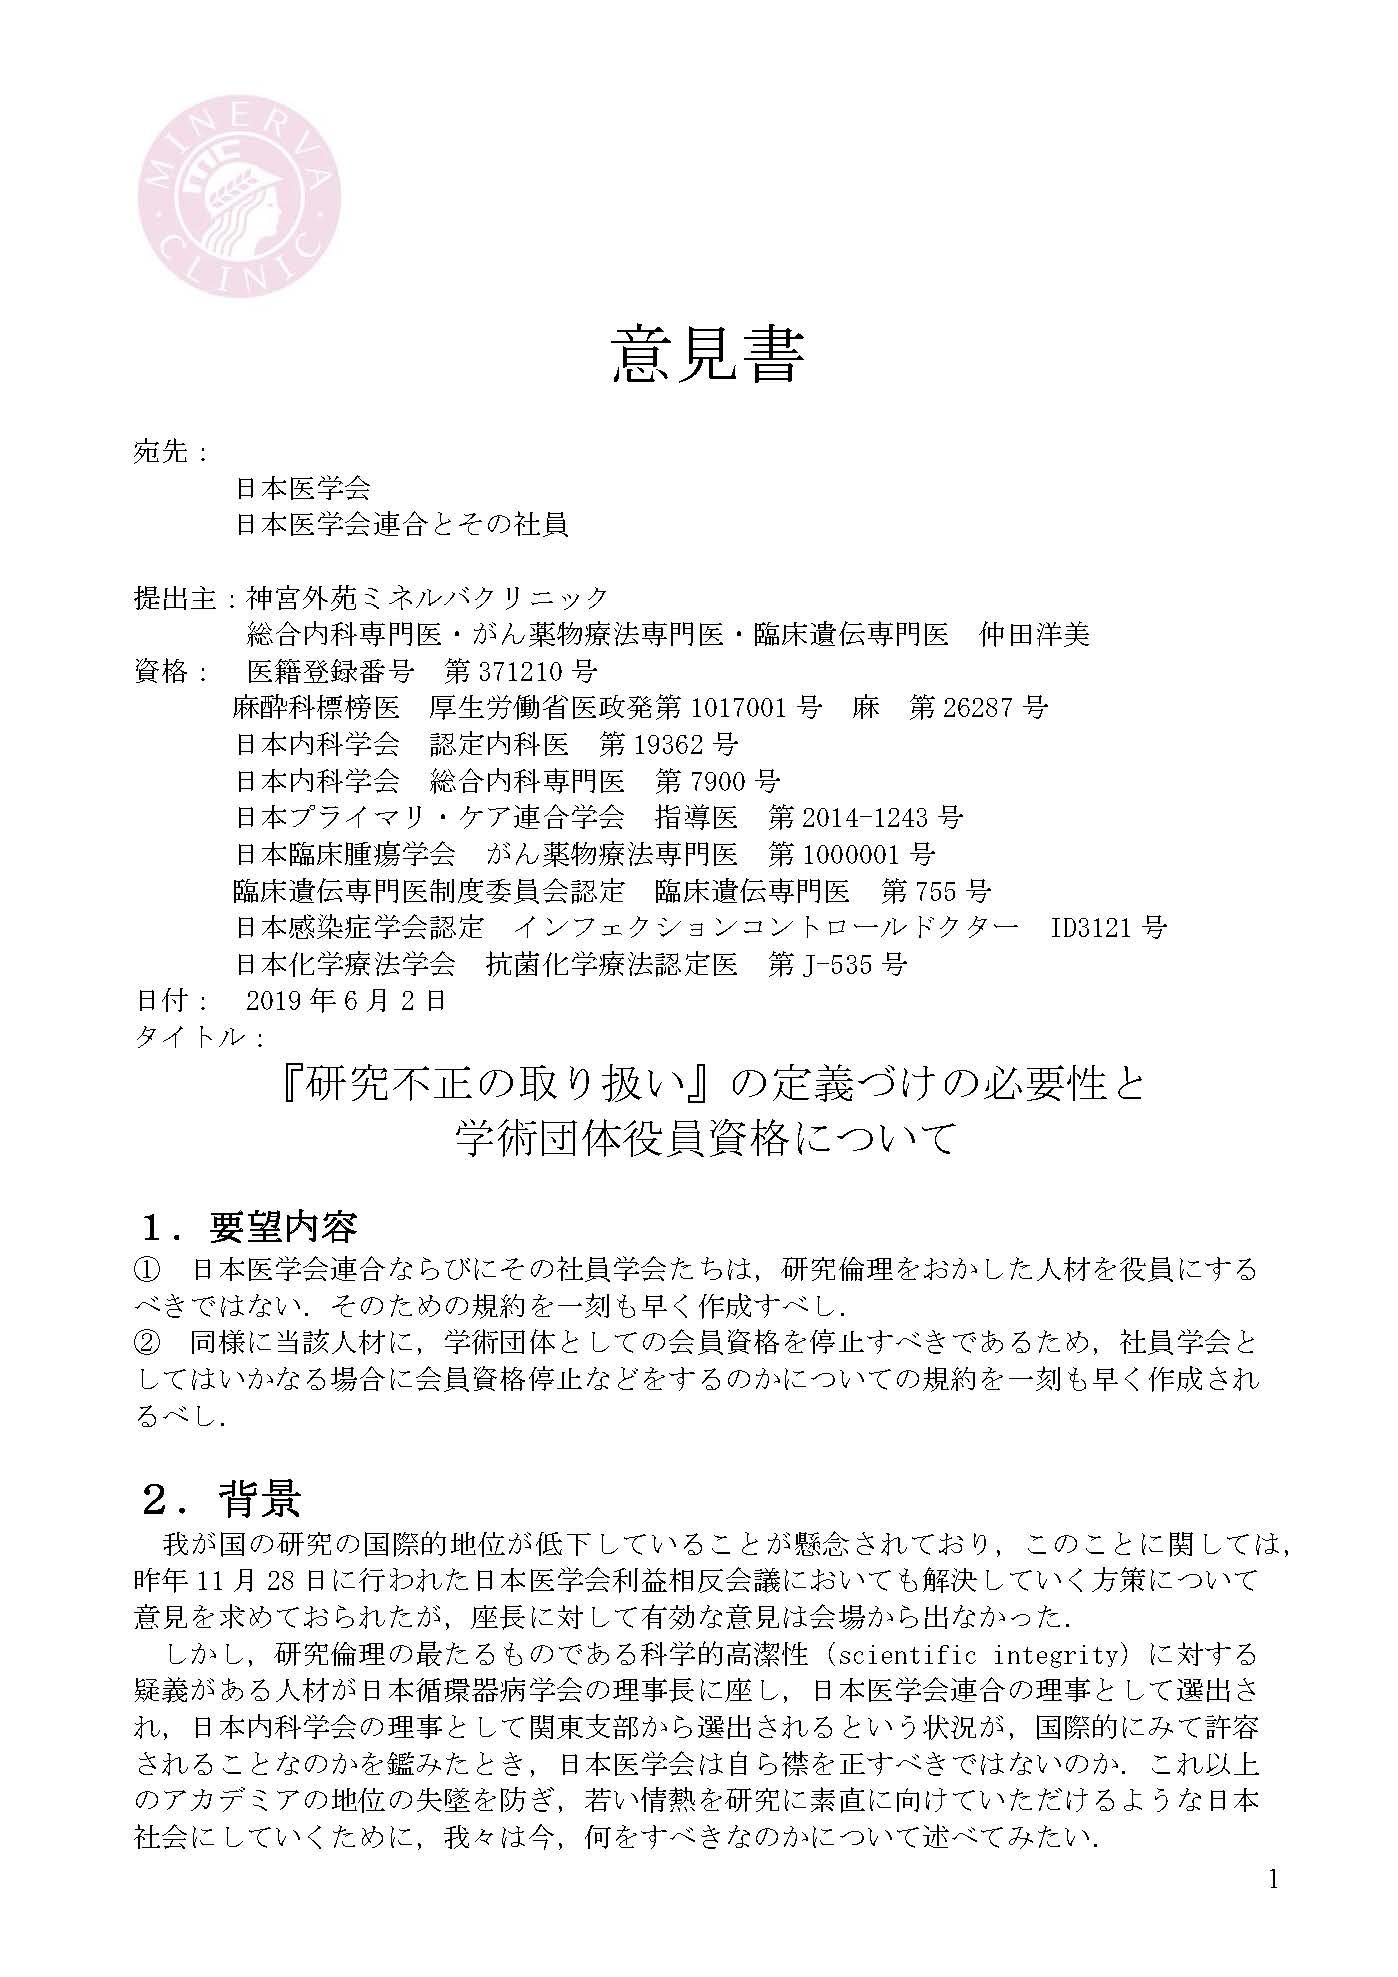 小室問題2019060201_ページ_1